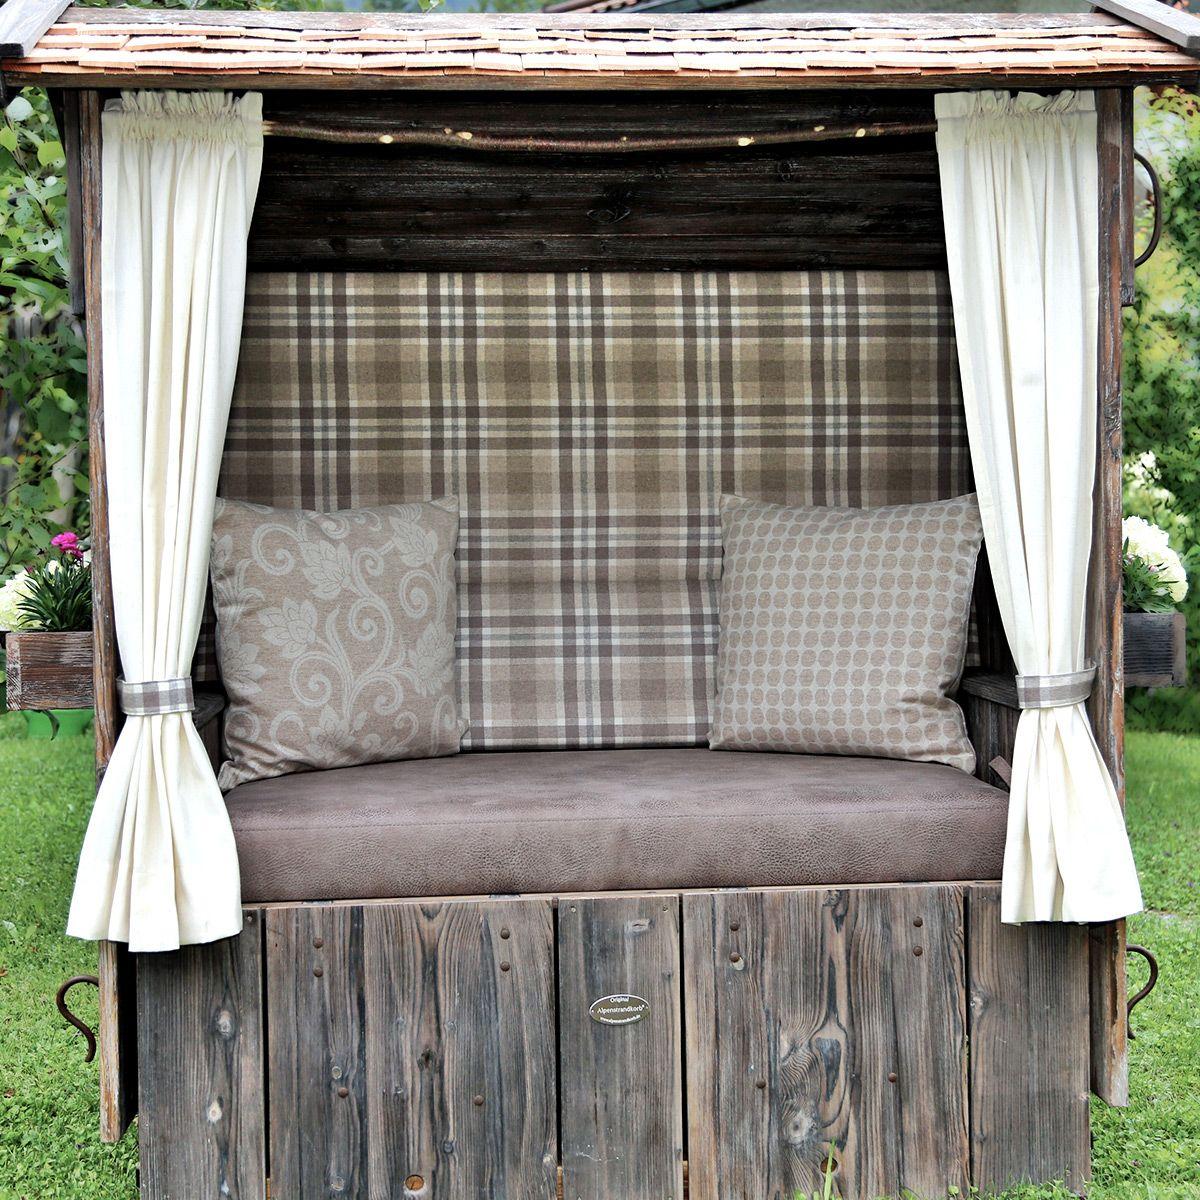 alpenstrandkorb der bayerische strandkorb strandkorb galerie a a dekor pinterest. Black Bedroom Furniture Sets. Home Design Ideas